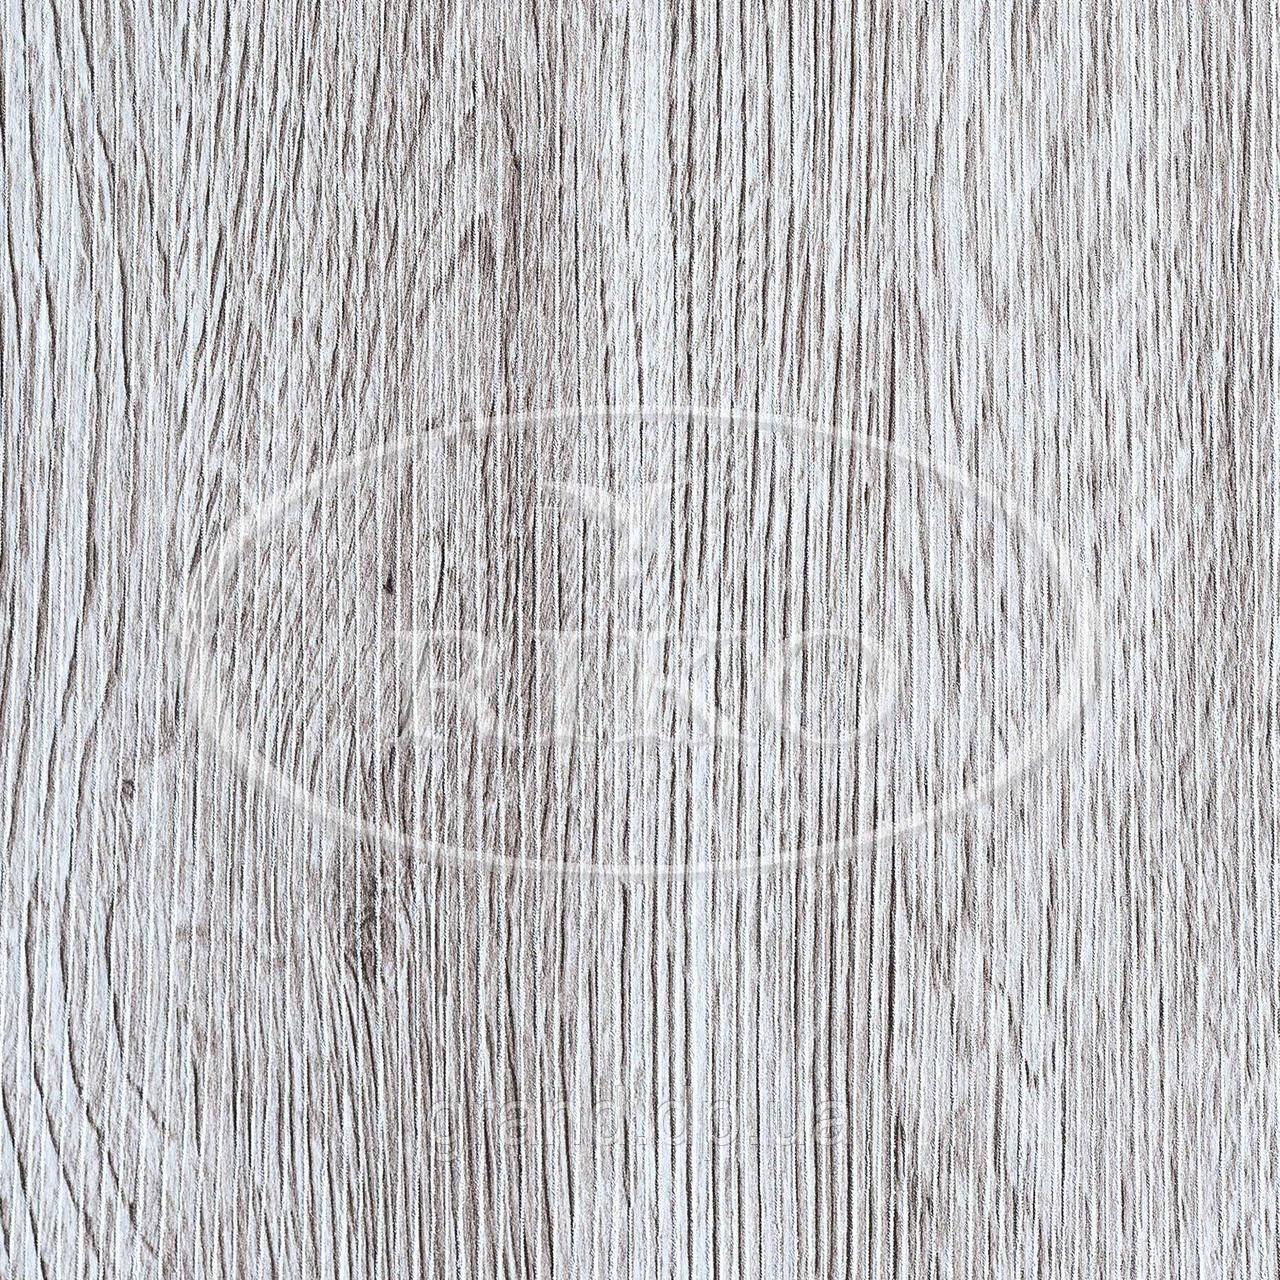 Пластиковые декоративные ламинированные бесшовные панели ПВХ Рико(Riko) 250*8*2700мм Дуб гранд серый